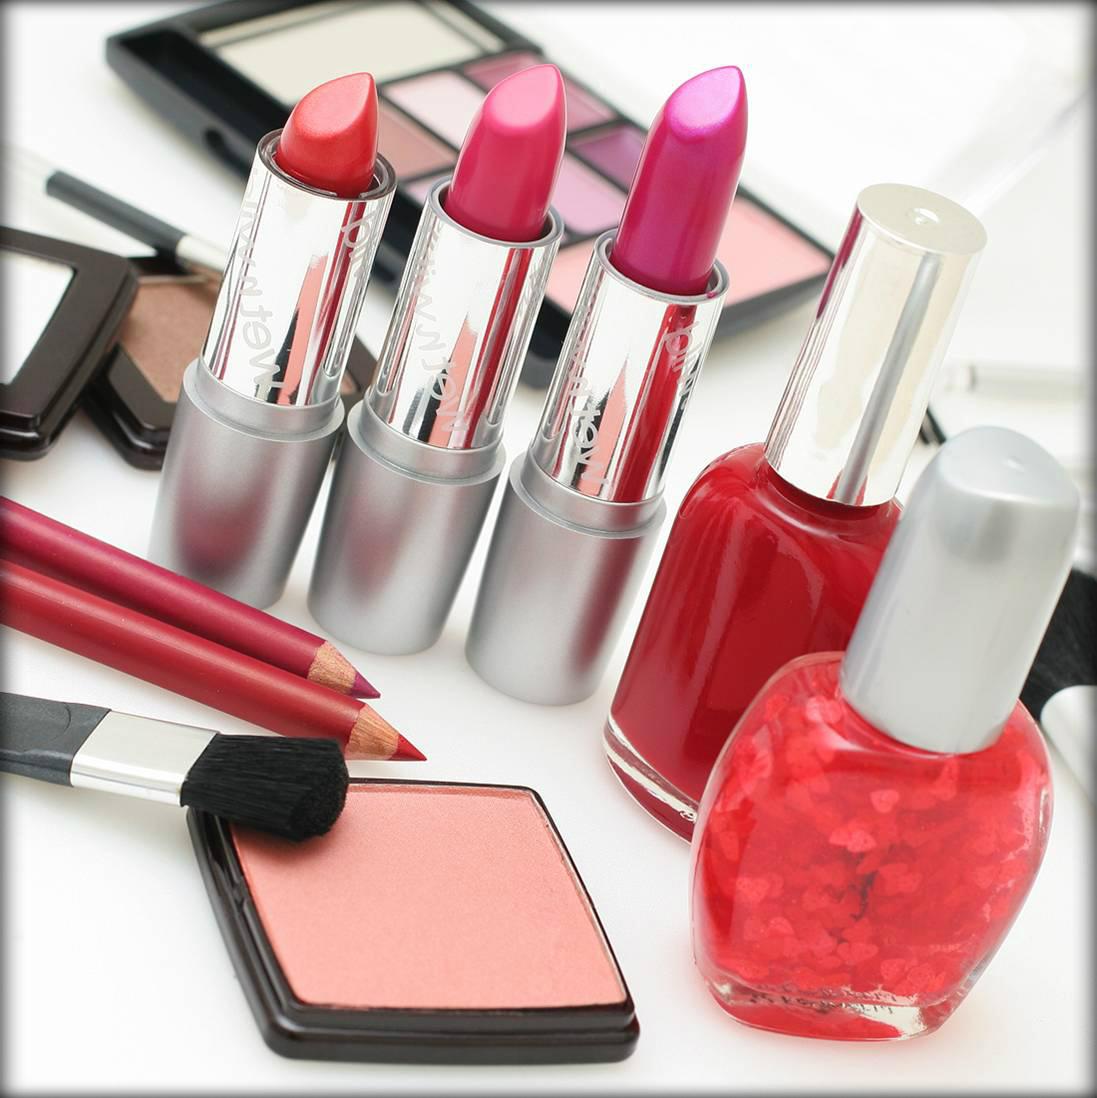 Cosmeticos+europeus.jpg (1097×1098)